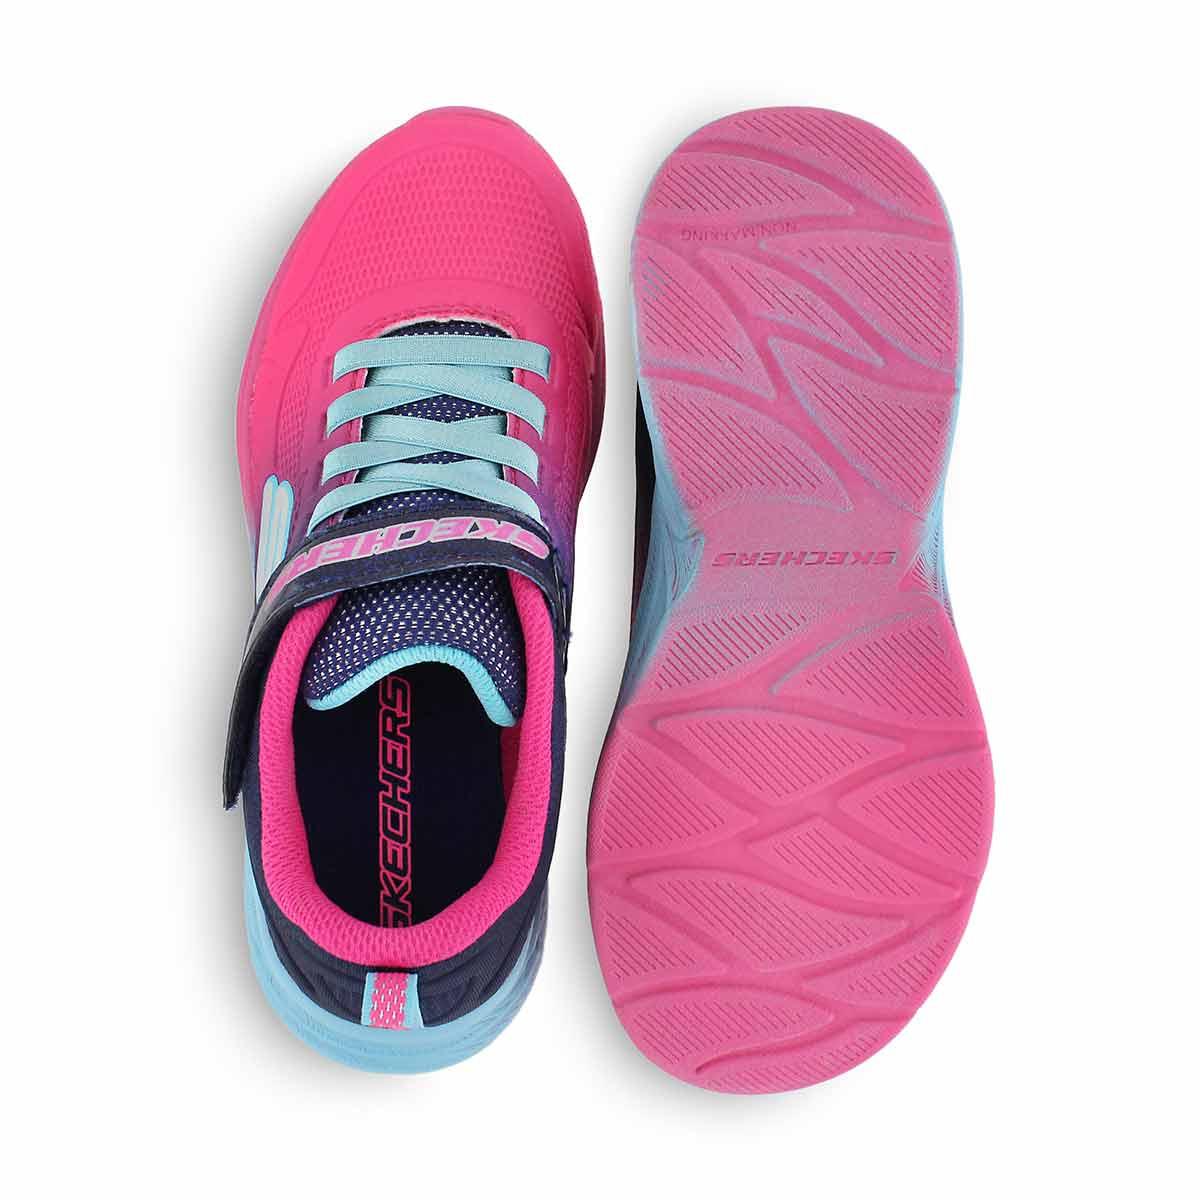 Grls Lite Runner pnk/ppl sneaker